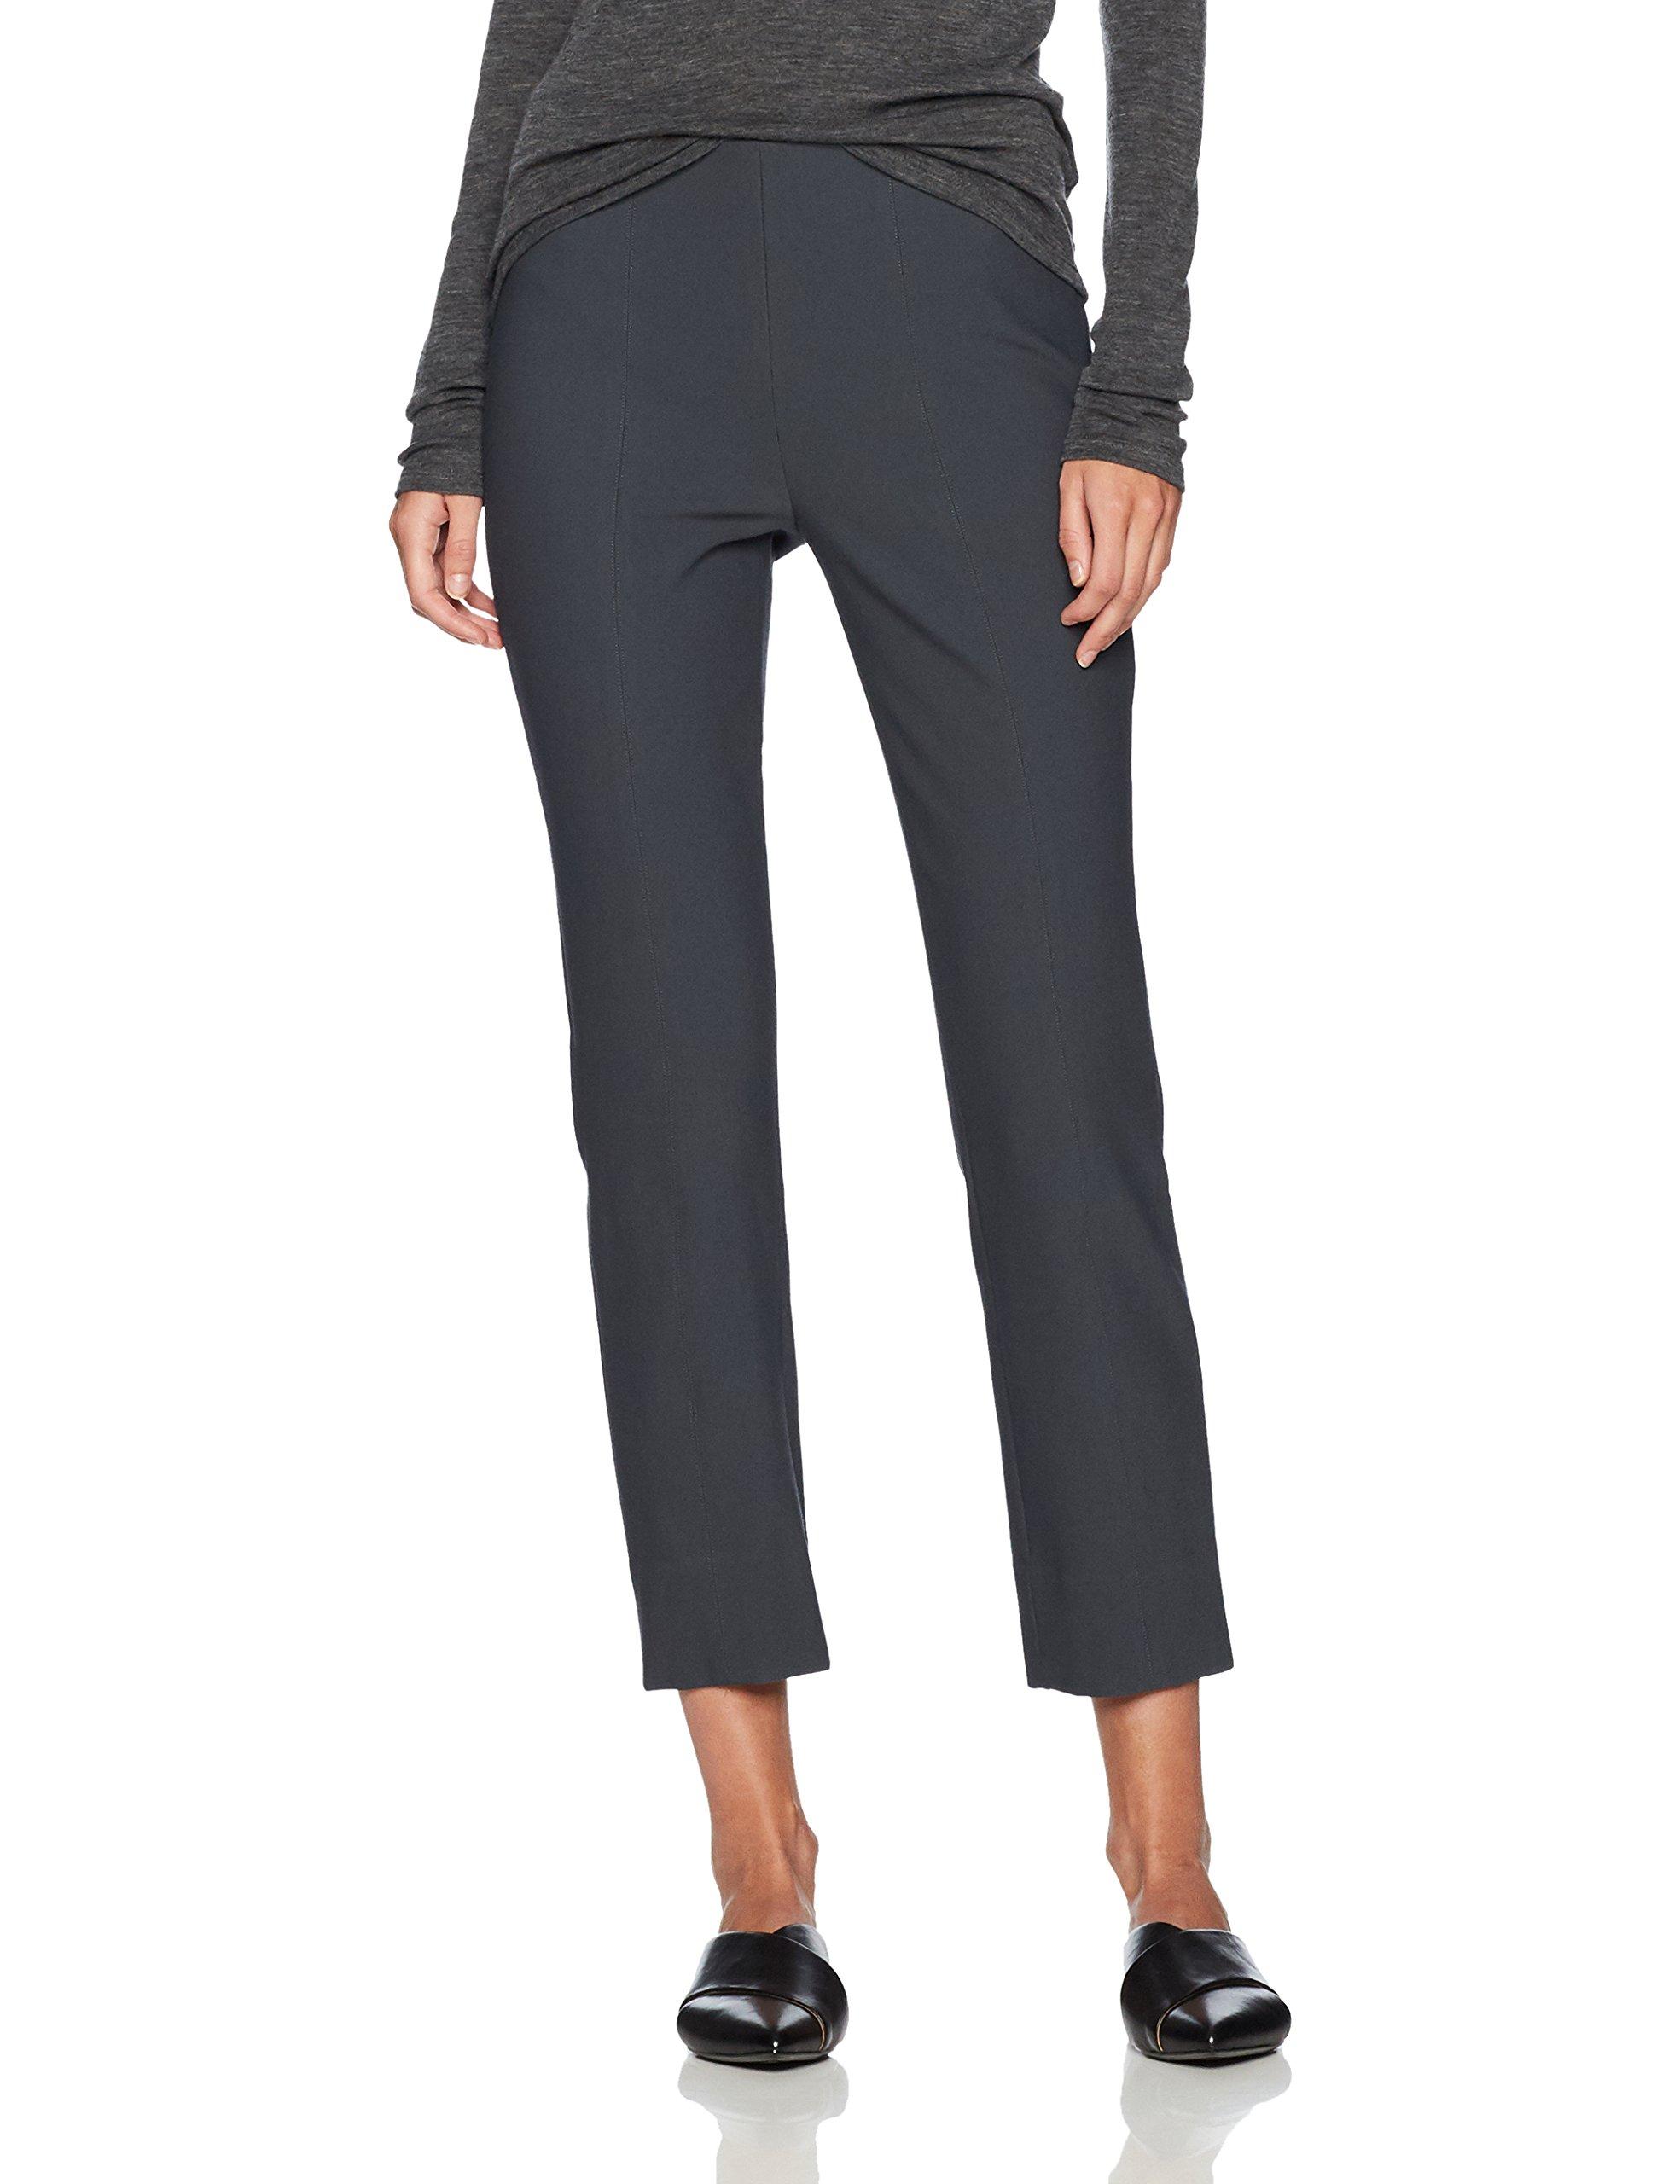 Vince Women's Stitch Front Seam Legging, Dark Grey, M